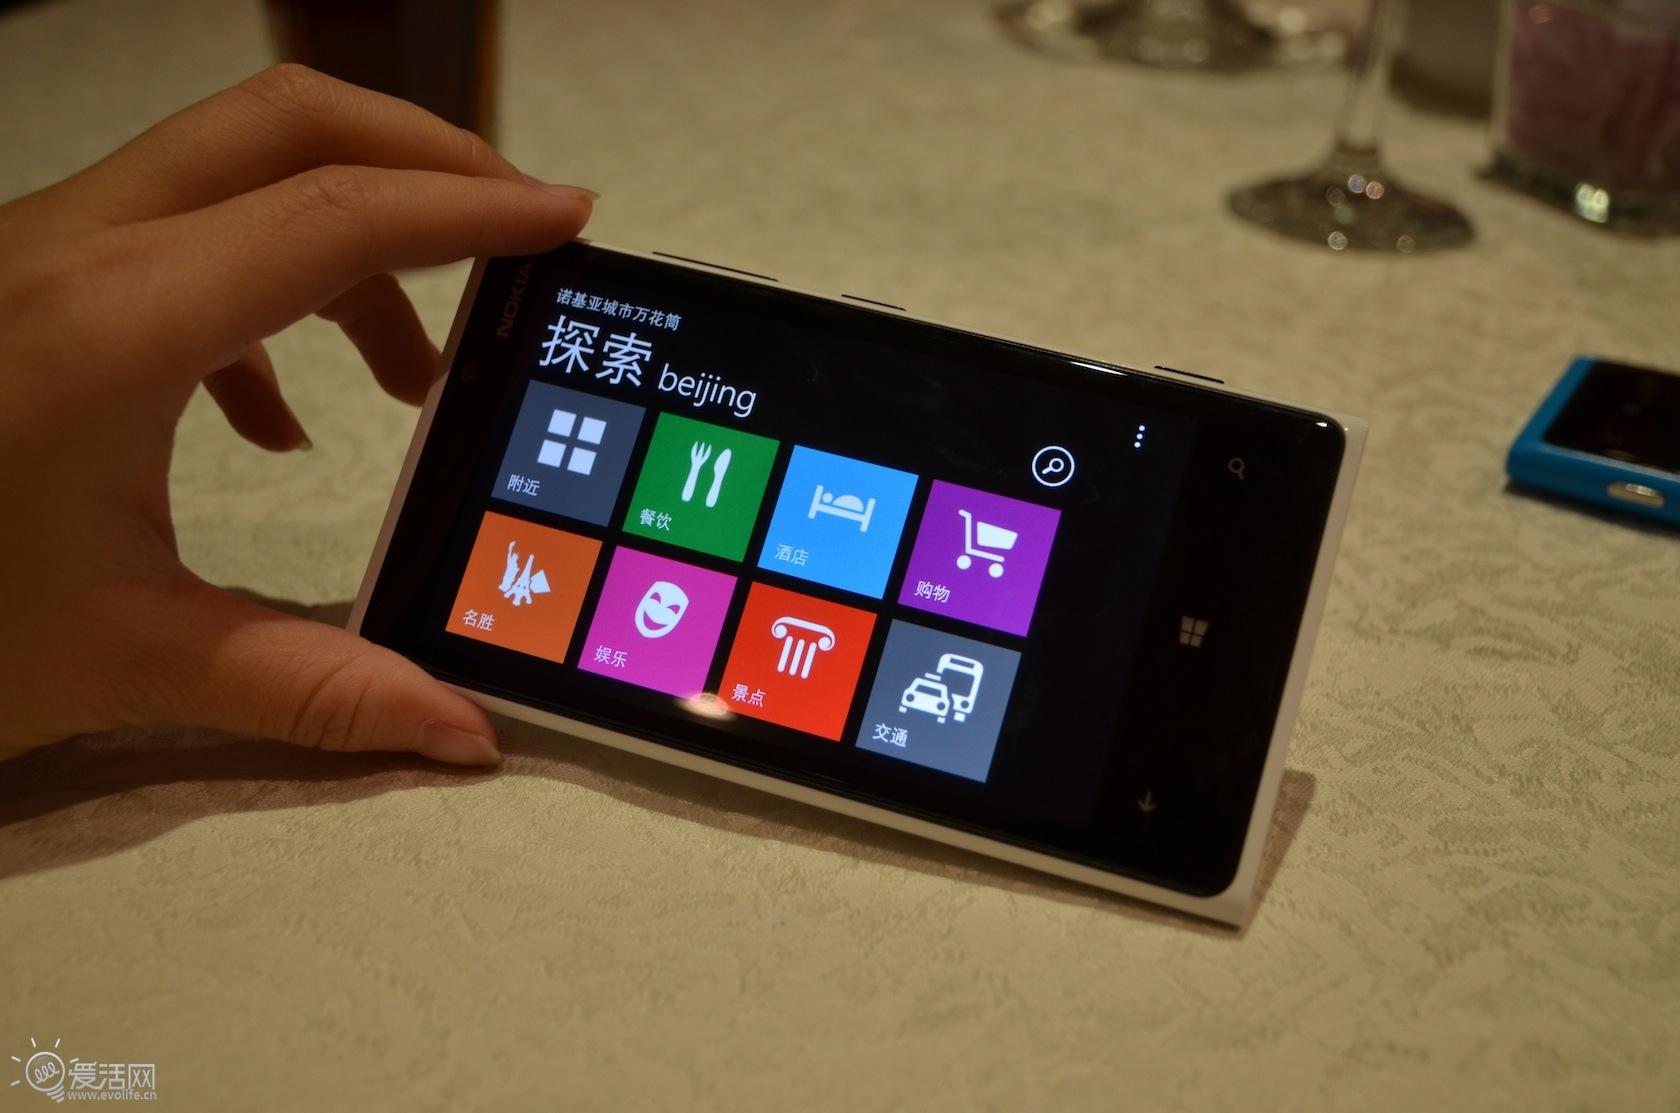 移动万花筒_正宫回眸百媚生 诺基亚Lumia 920/820抢先试玩_爱活网 Evolife.cn